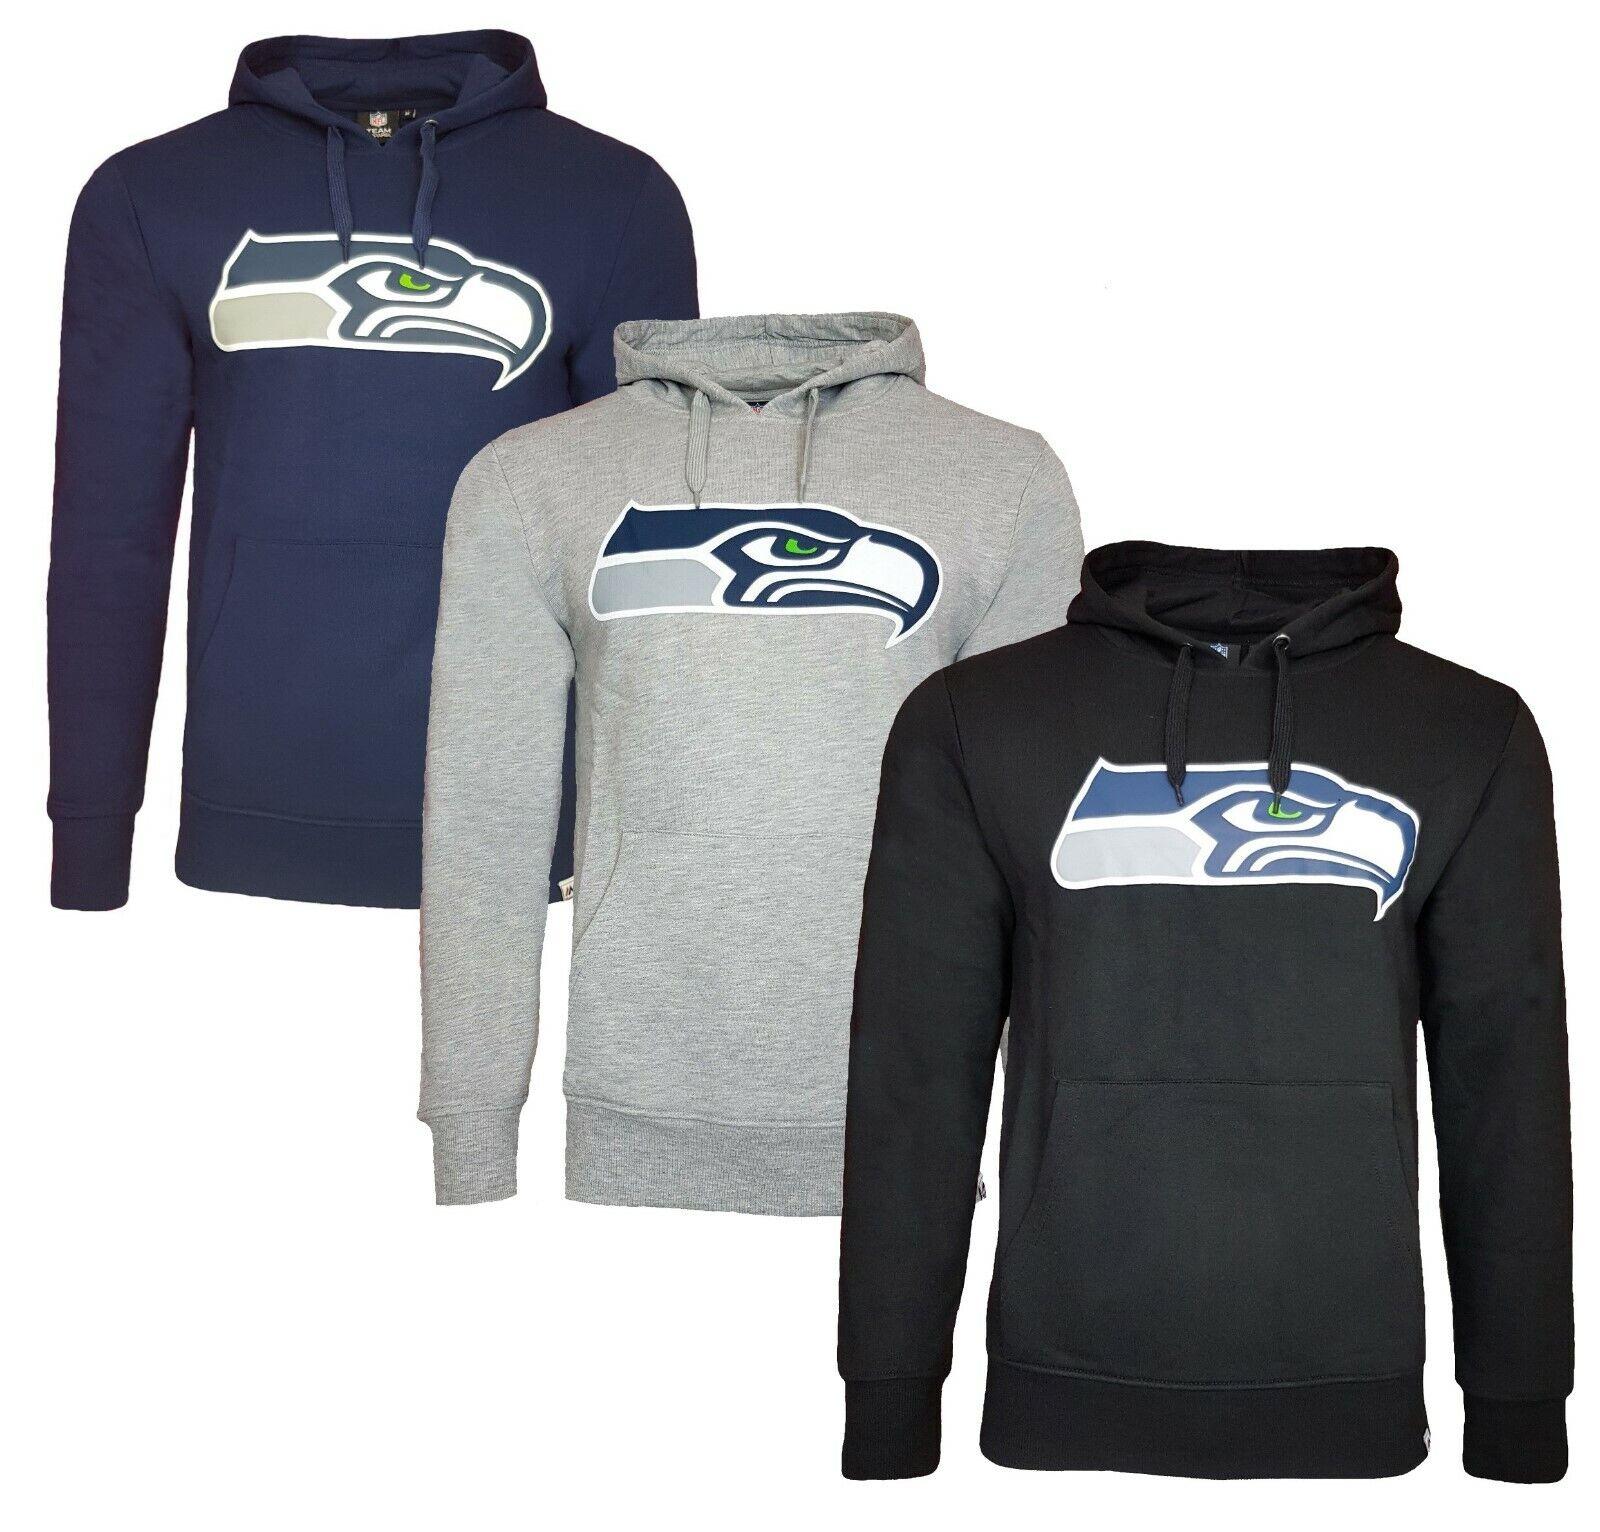 NFL Seattle Seahawks Hoodie Mens S or M American Football Hooded Top